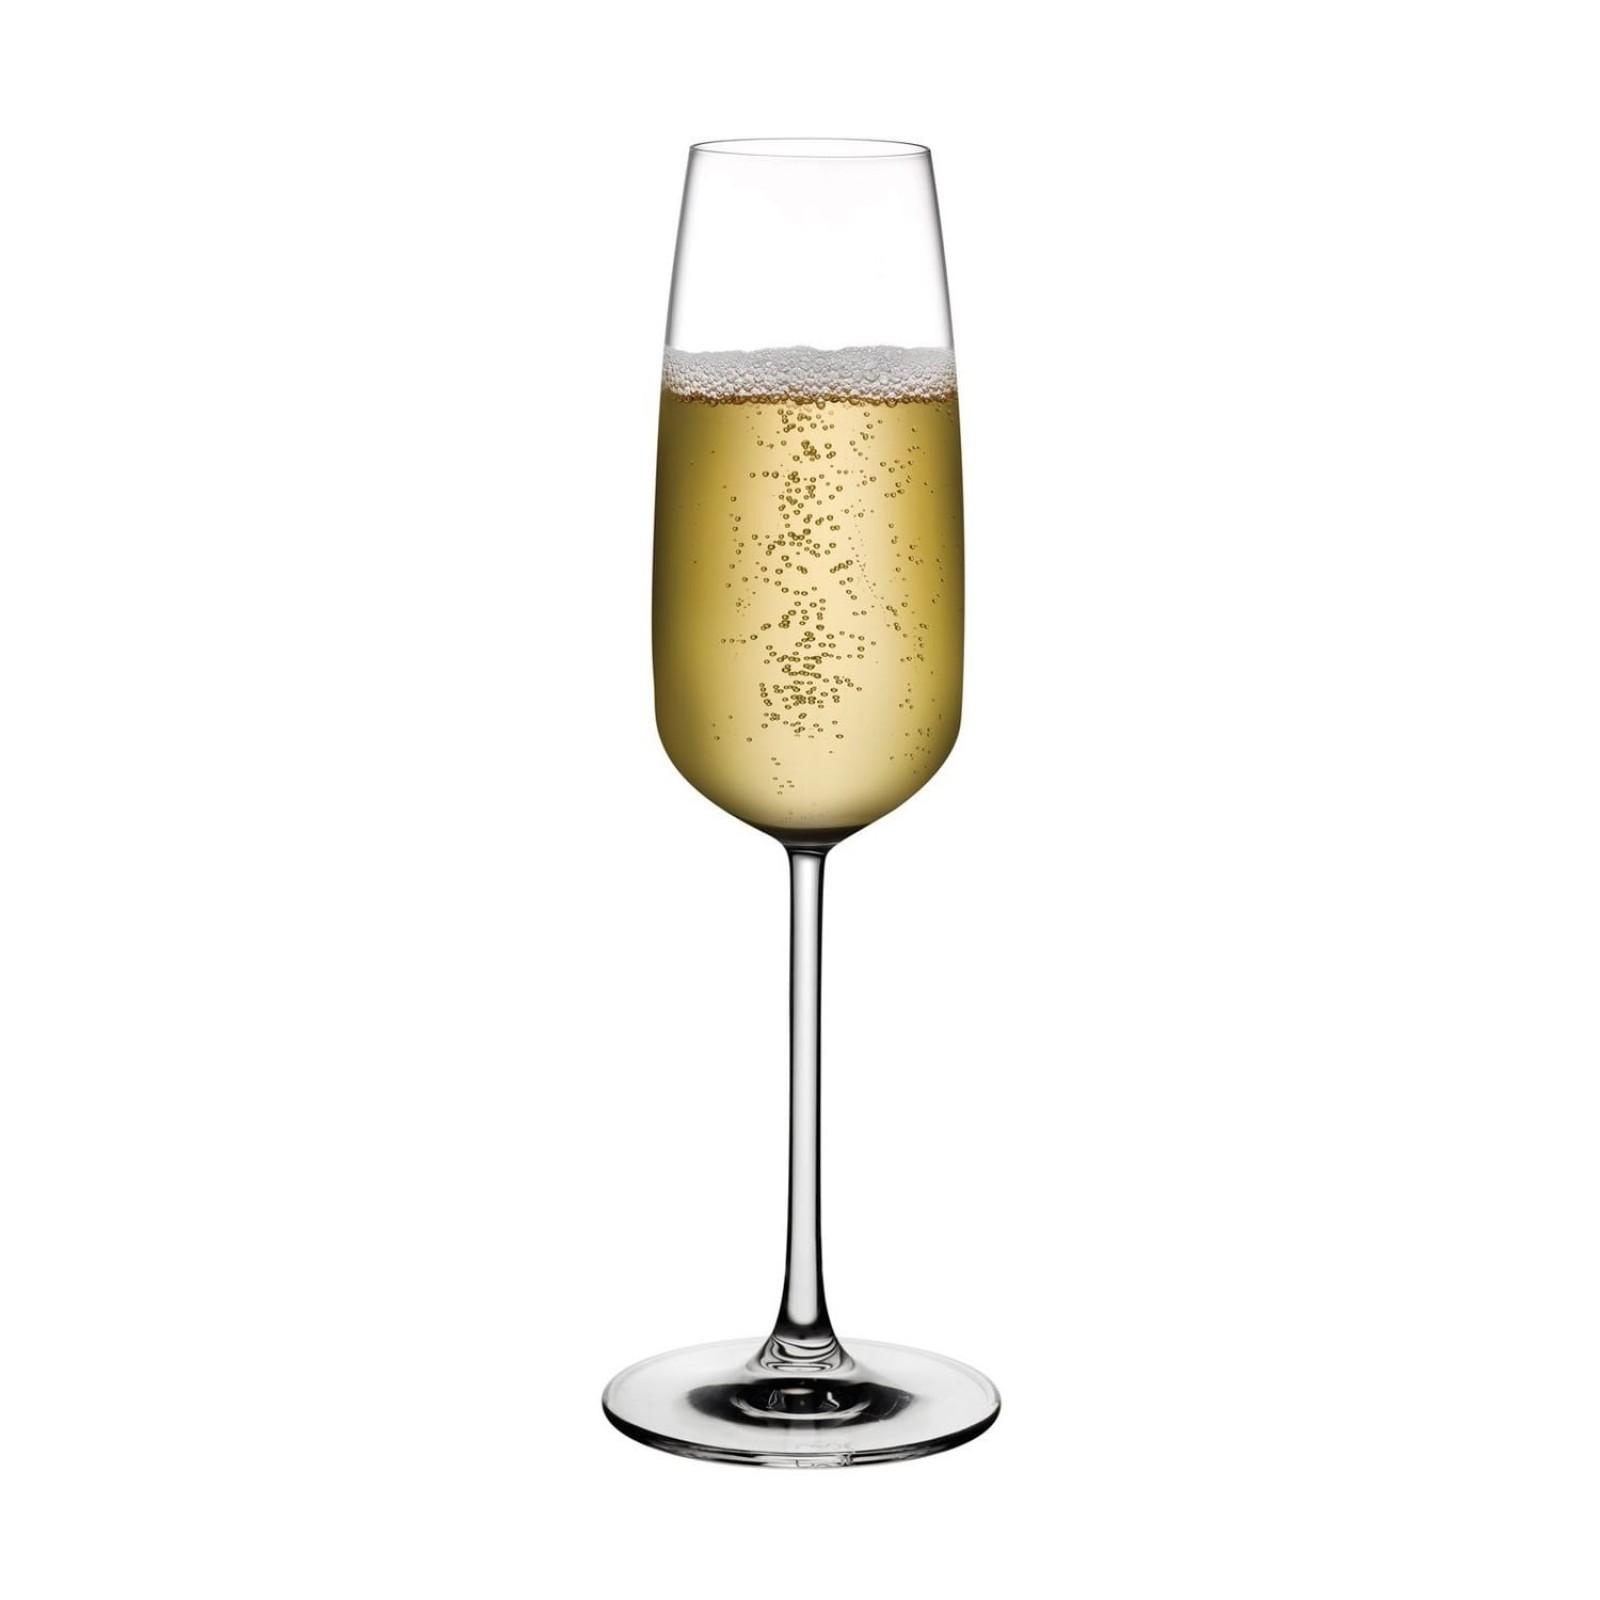 Ποτήρια Σαμπάνιας Mirage 245 ml (Σετ των 6) - Nude Glass